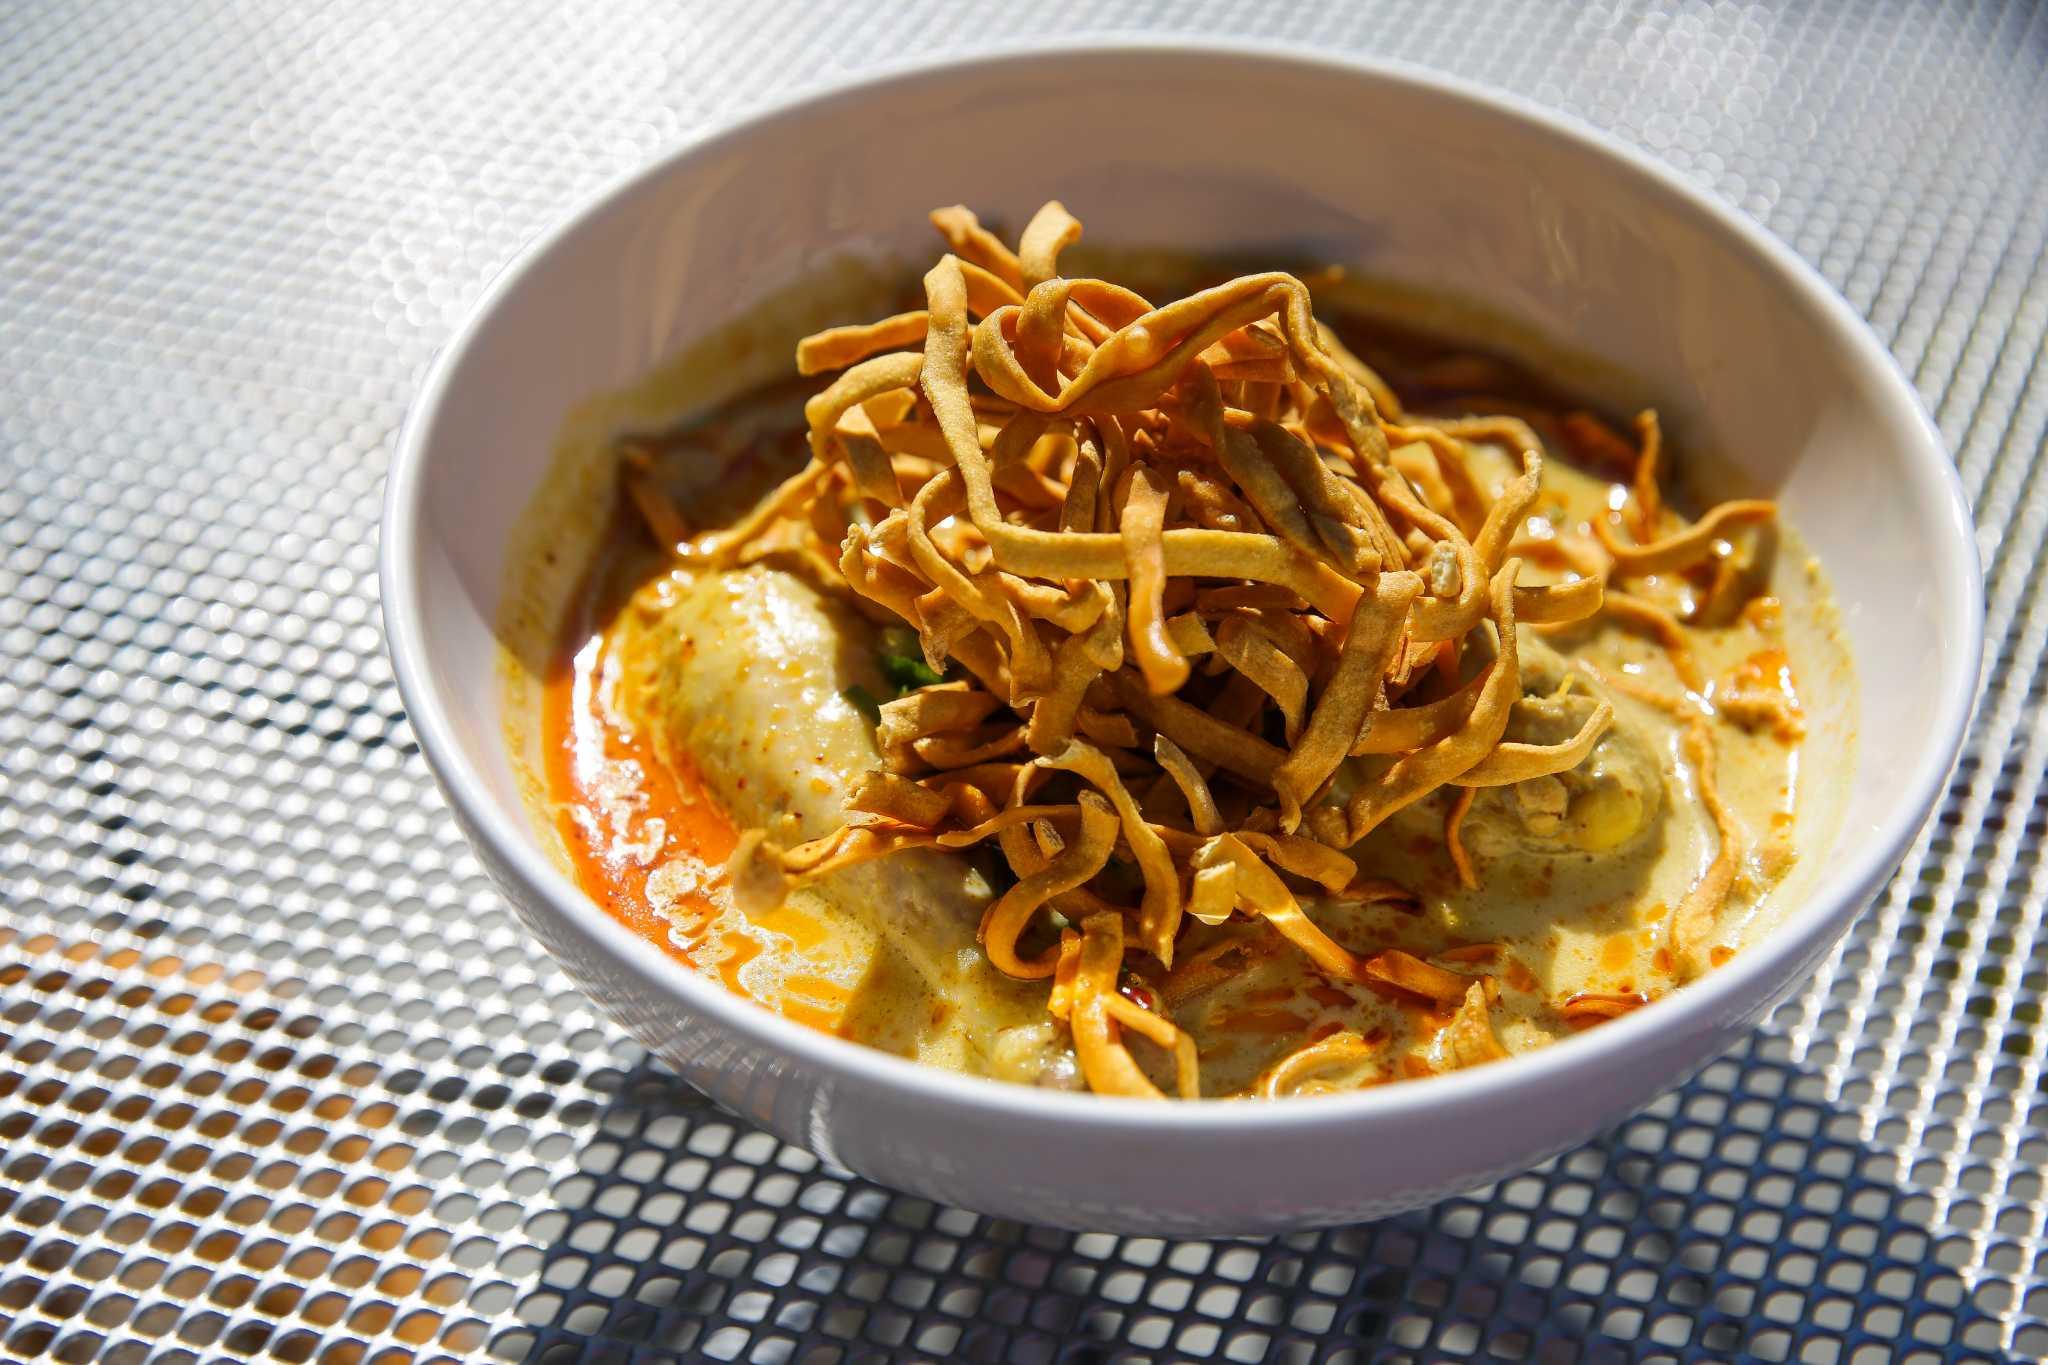 Revealed: Houston\'s Top 100 Restaurants of 2016 - Houston Chronicle